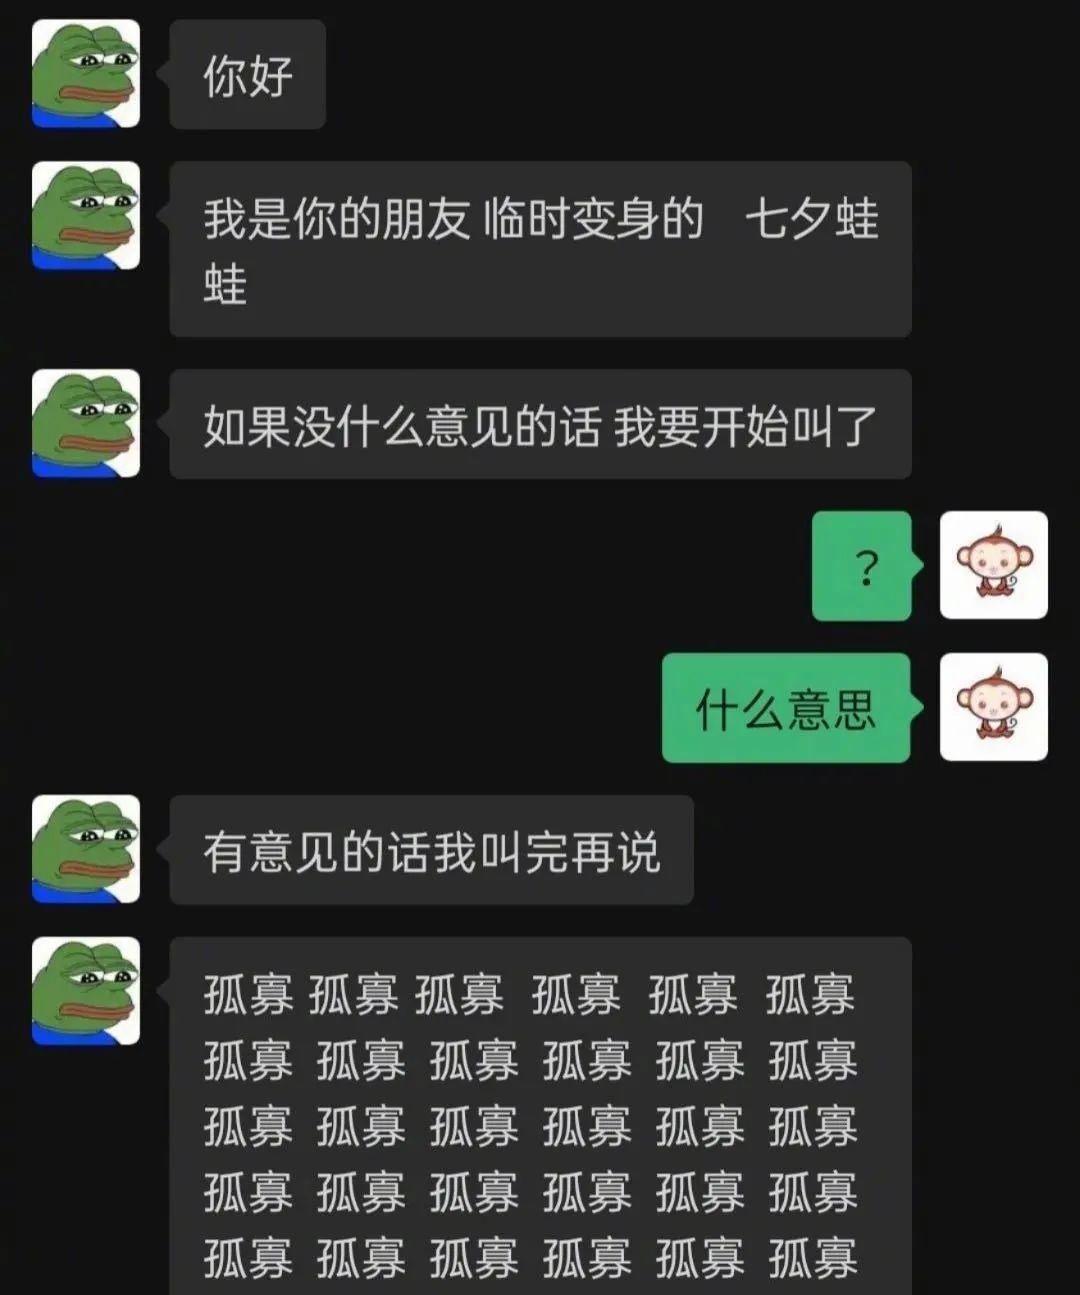 七夕恋爱指南:理性算计与不可篡改的爱